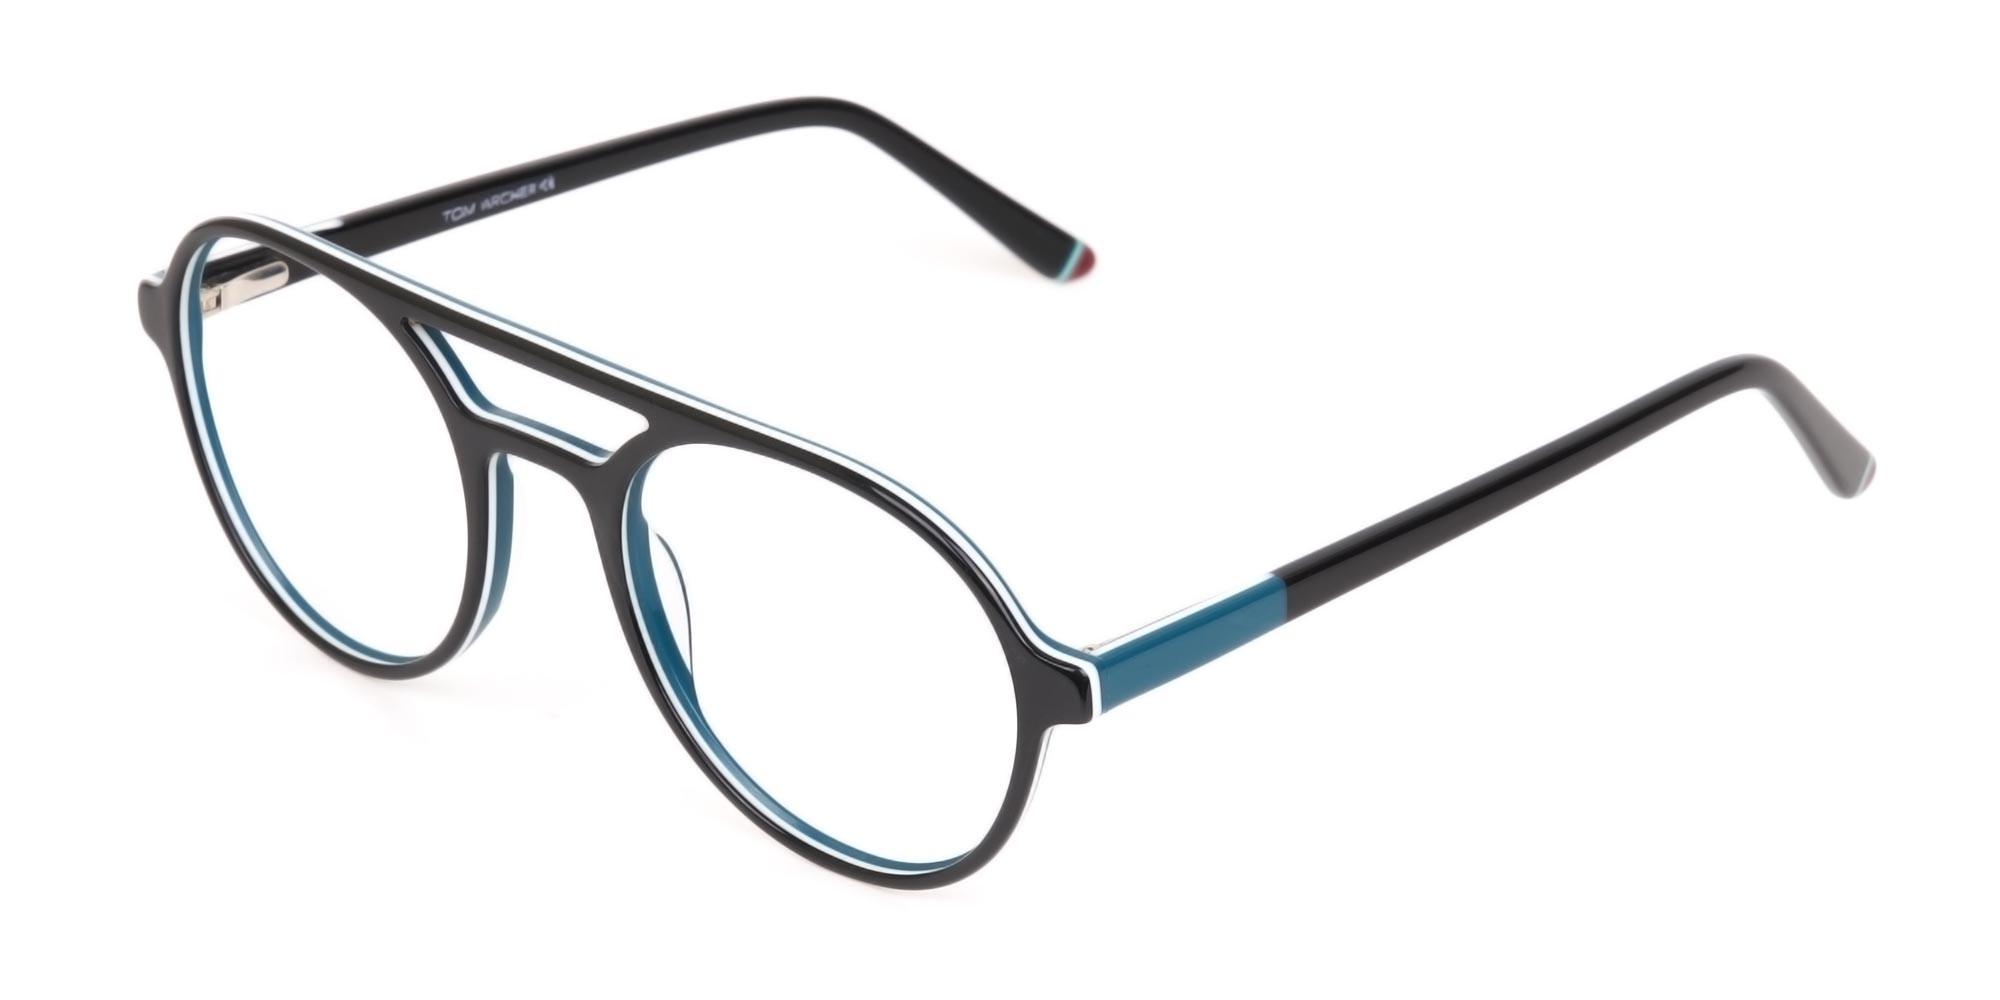 Black & Turquoise Double Bridge Glasses in Round-3